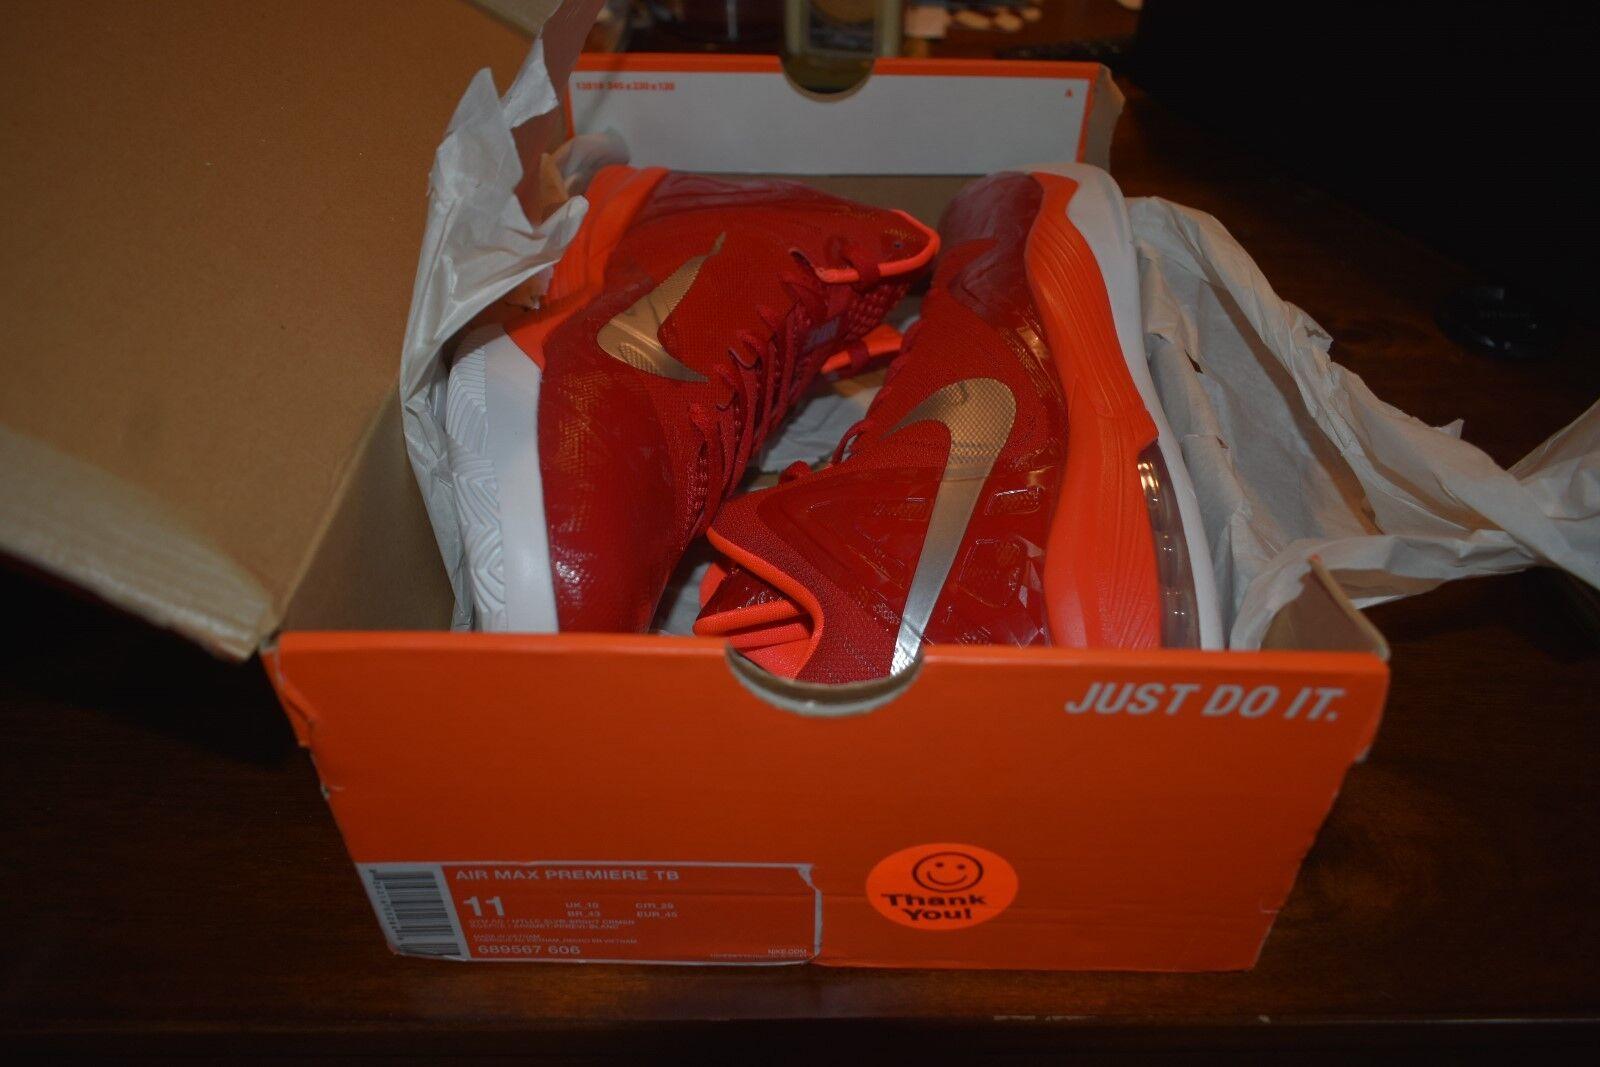 Nike Air Max Premiere Zapatillas de baloncesto para 689567 hombre Rojo Carmesí () 689567 para 606 265eea